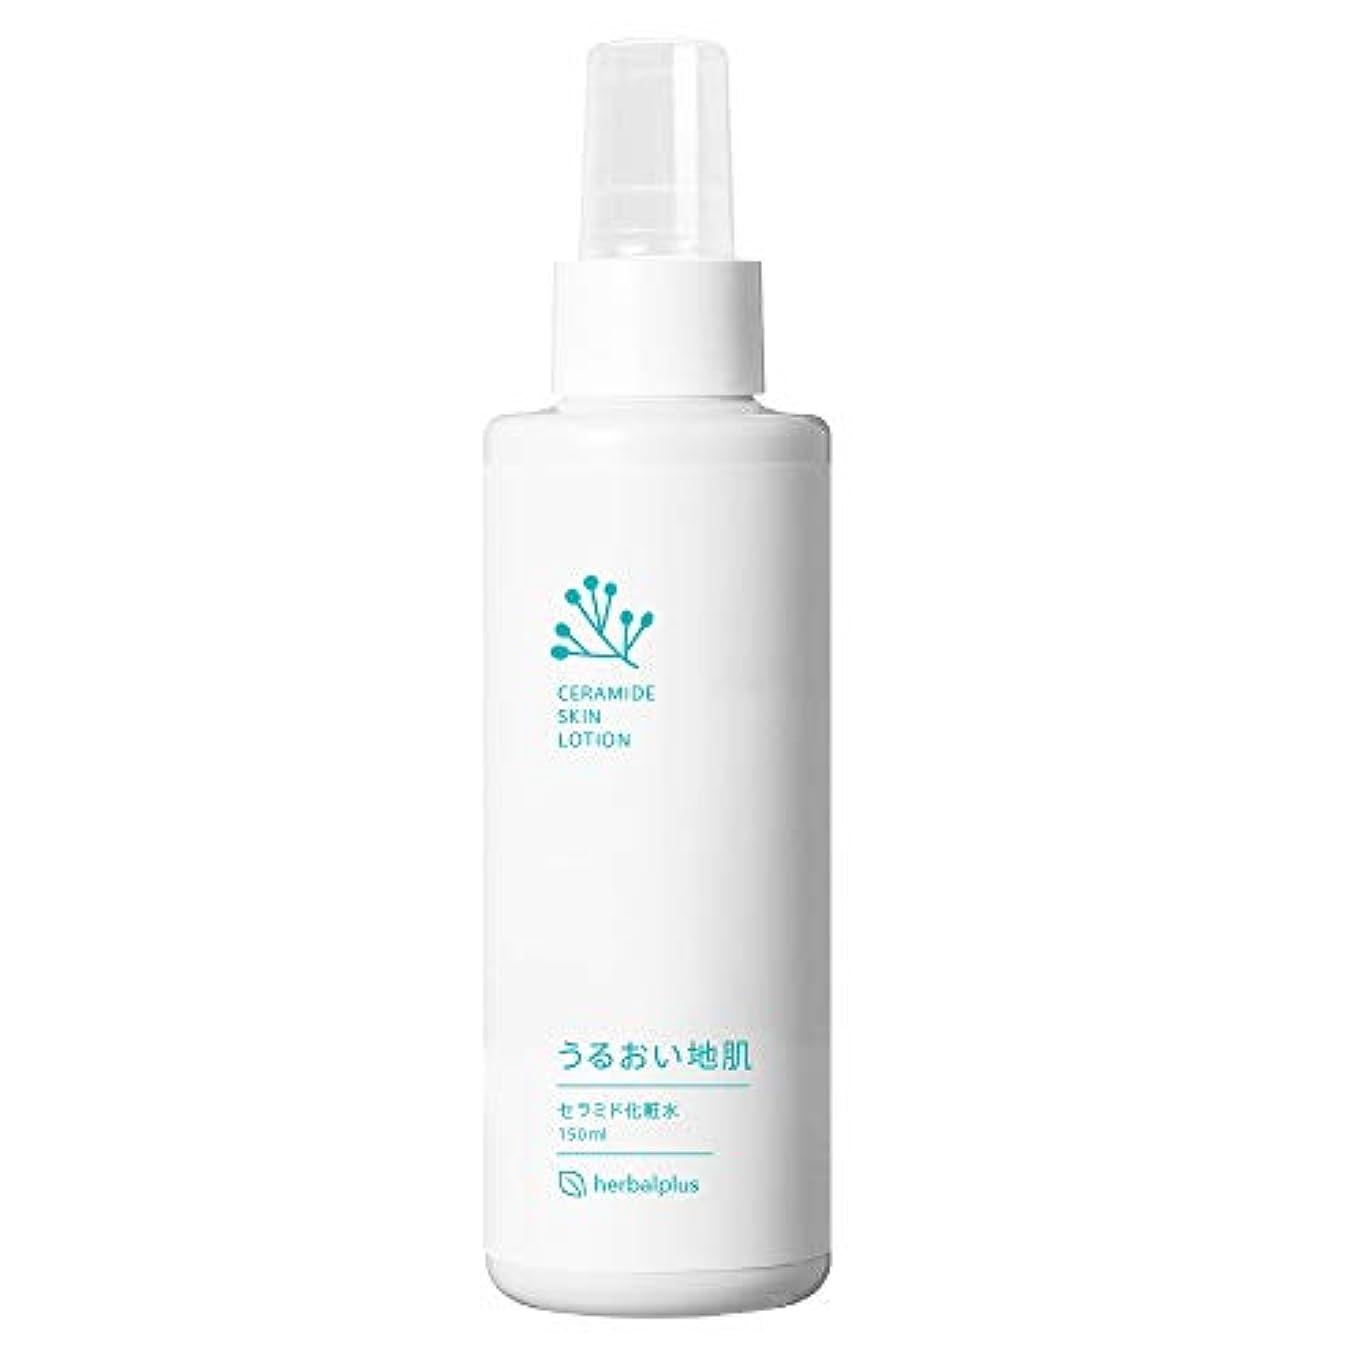 配る感度倉庫うるおい地肌 セラミド化粧水「カサカサ 脂漏性 皮むけ 乾燥 かゆみ」顔?頭皮 保湿 ミストスプレー